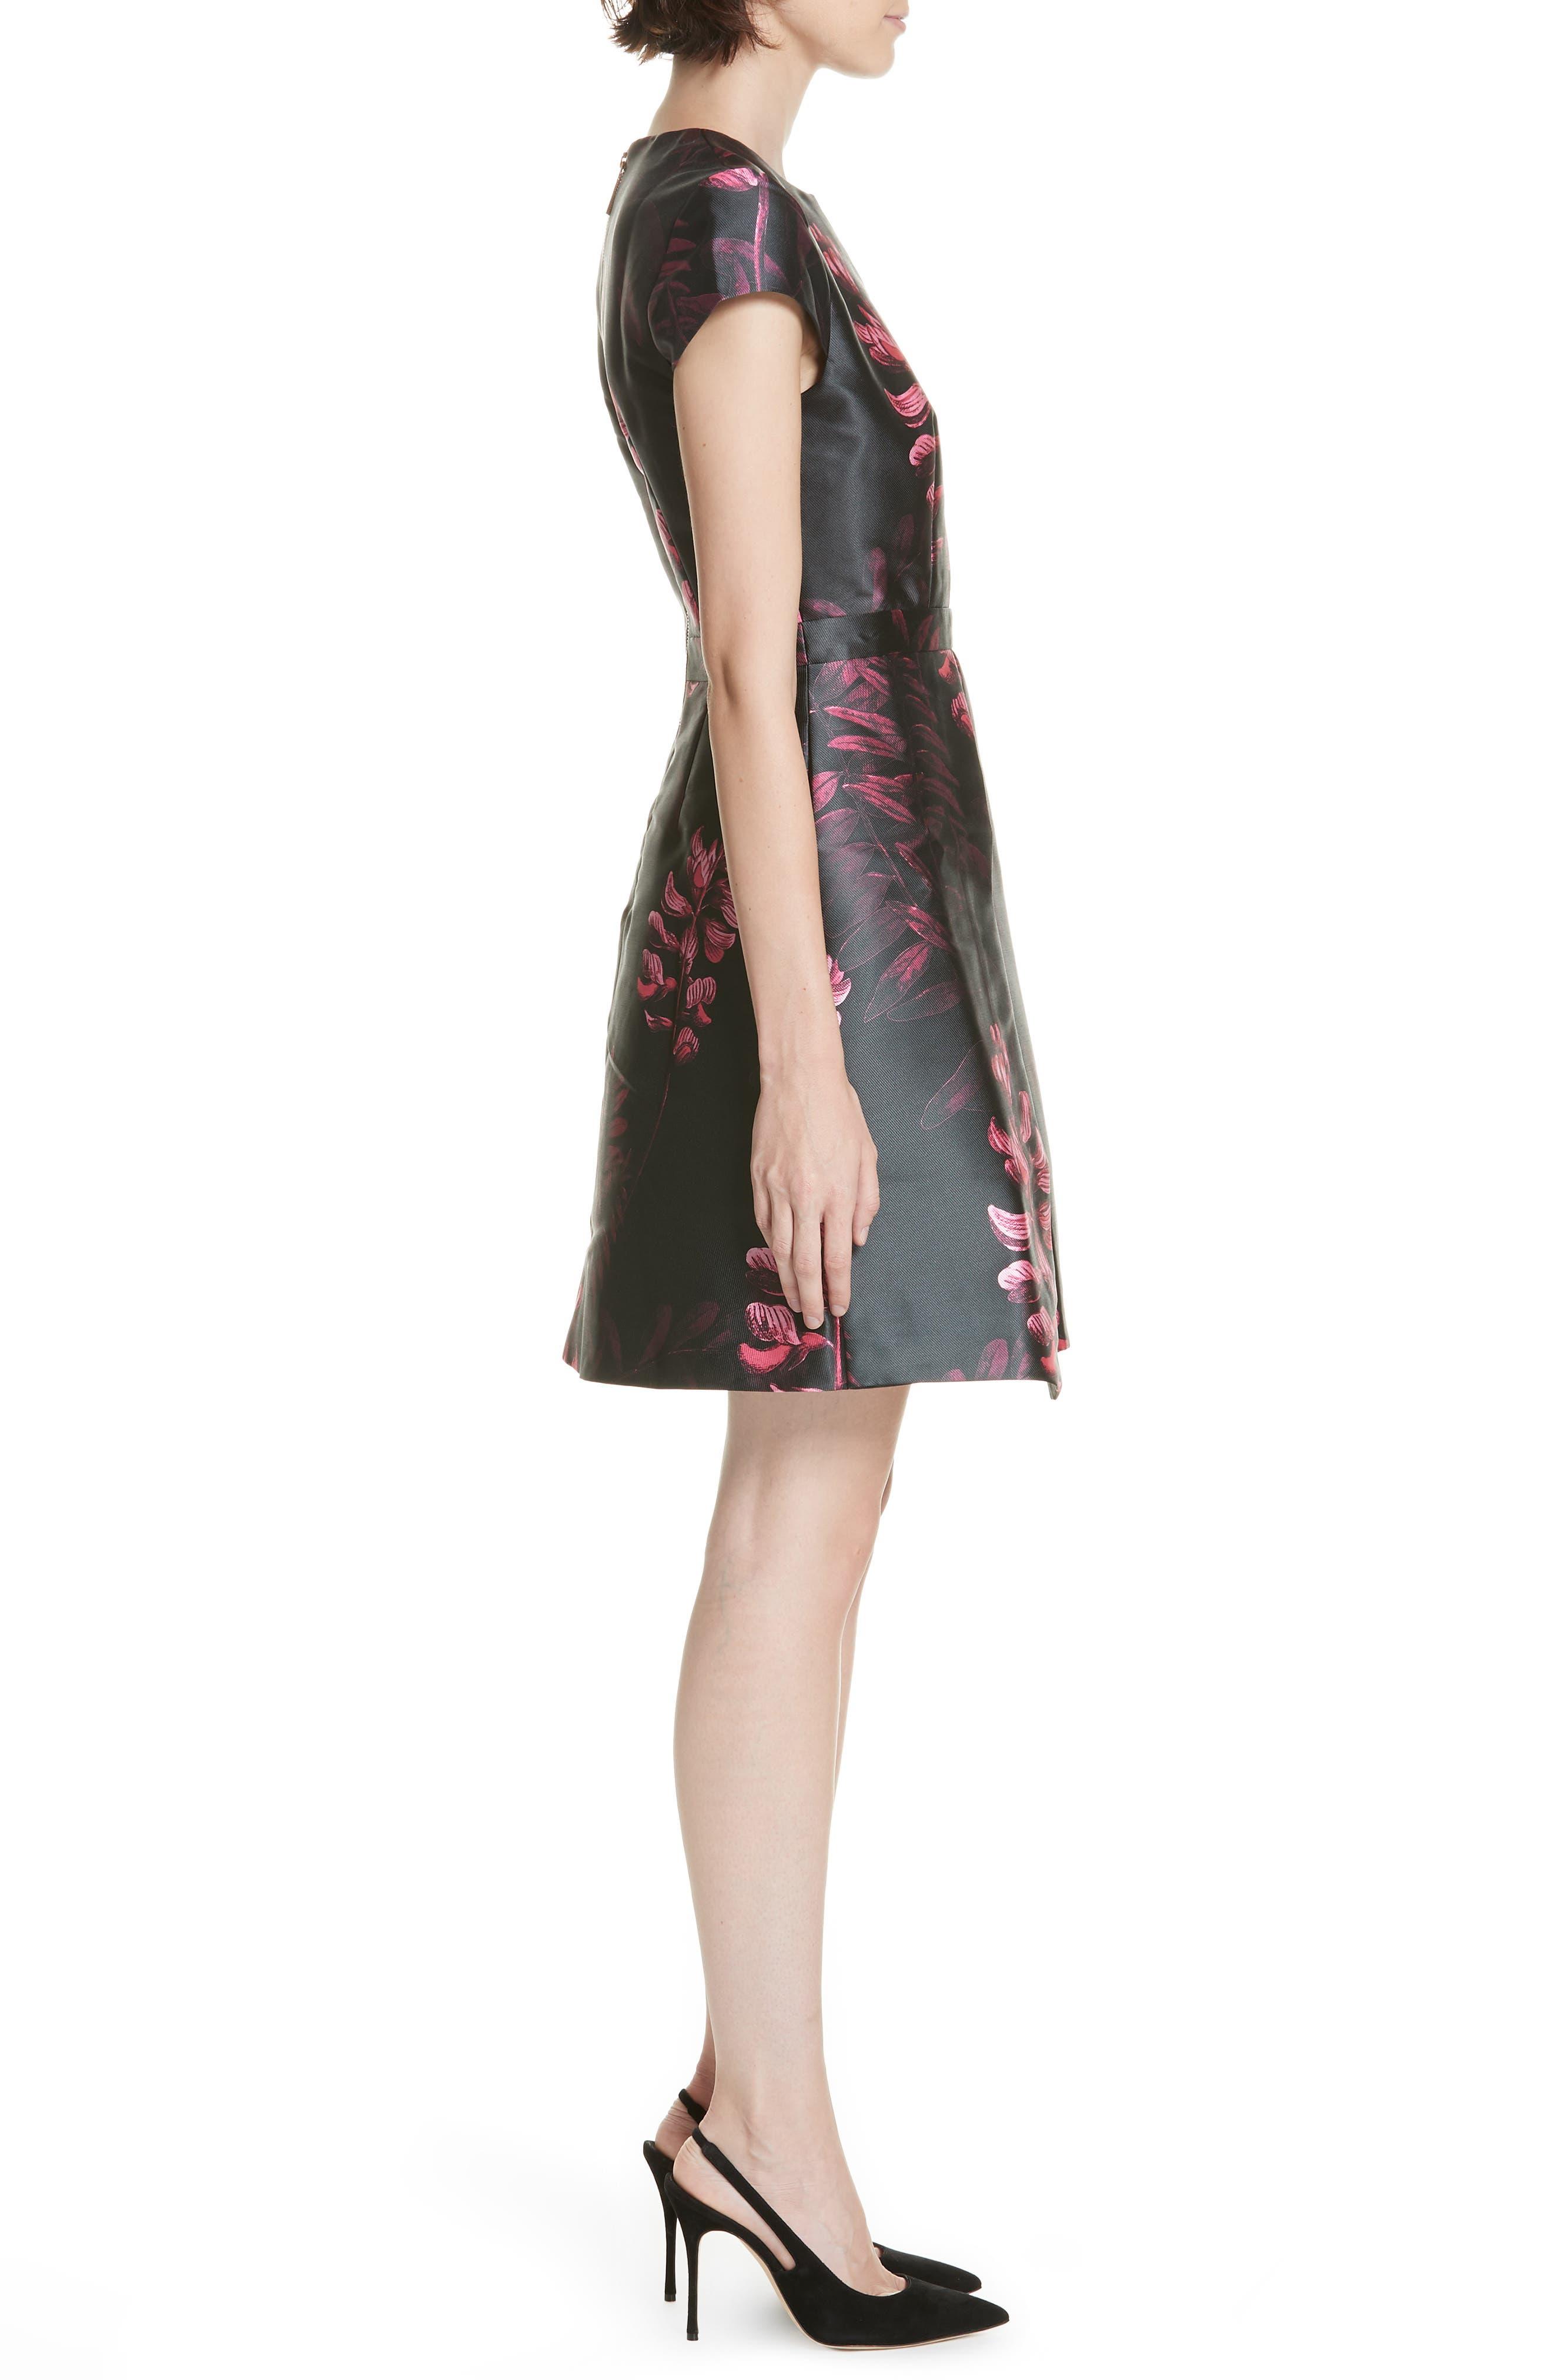 Jebby Splendor Jacquard Fit & Flare Dress,                             Alternate thumbnail 3, color,                             001